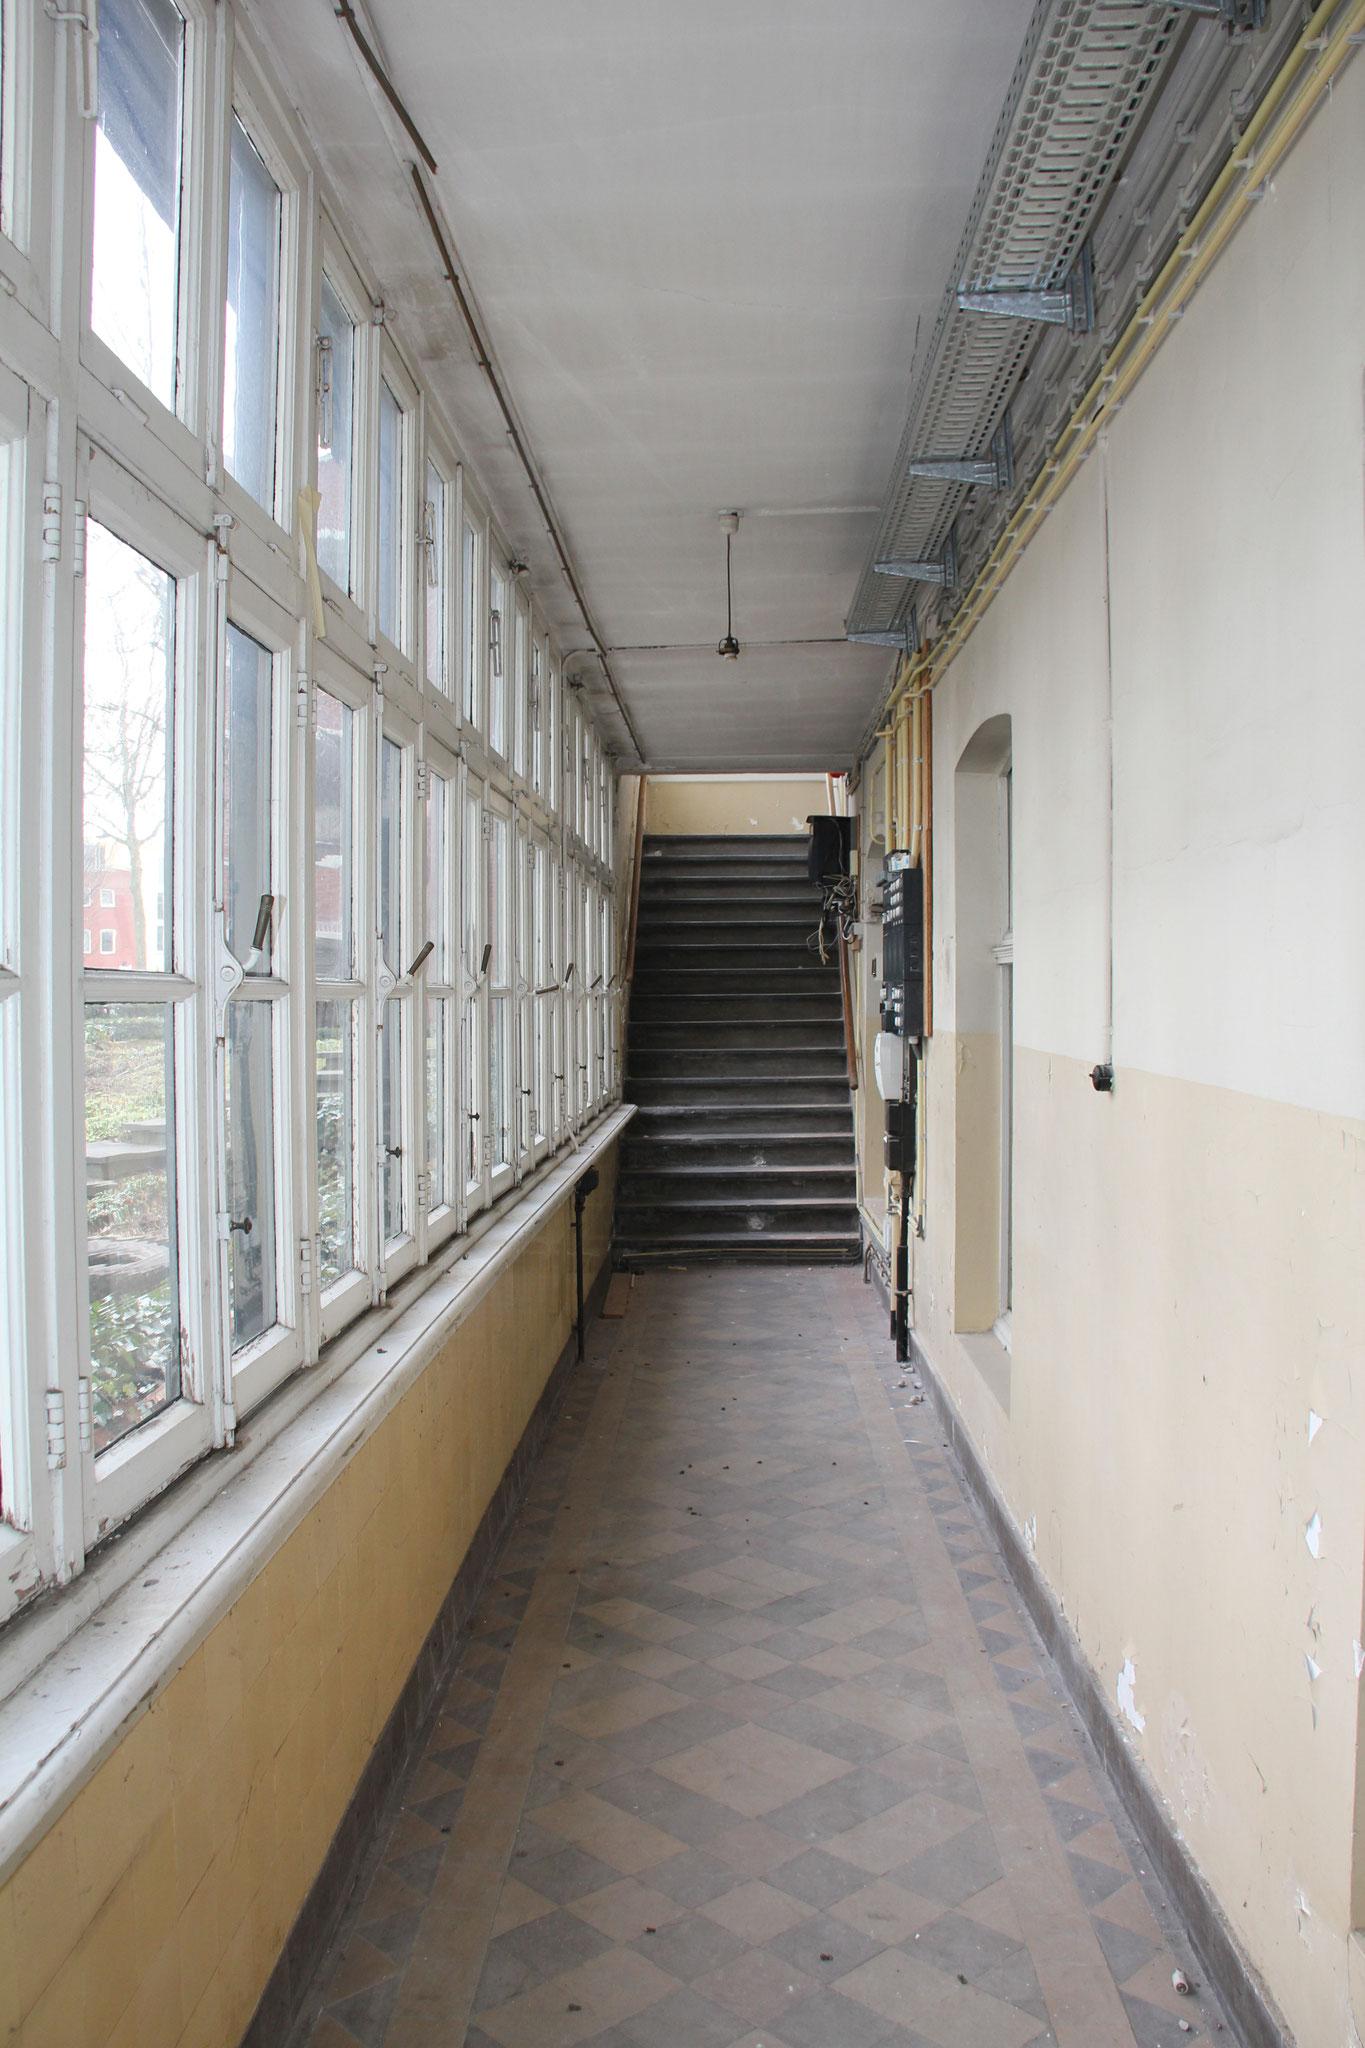 Interieur van de veranda